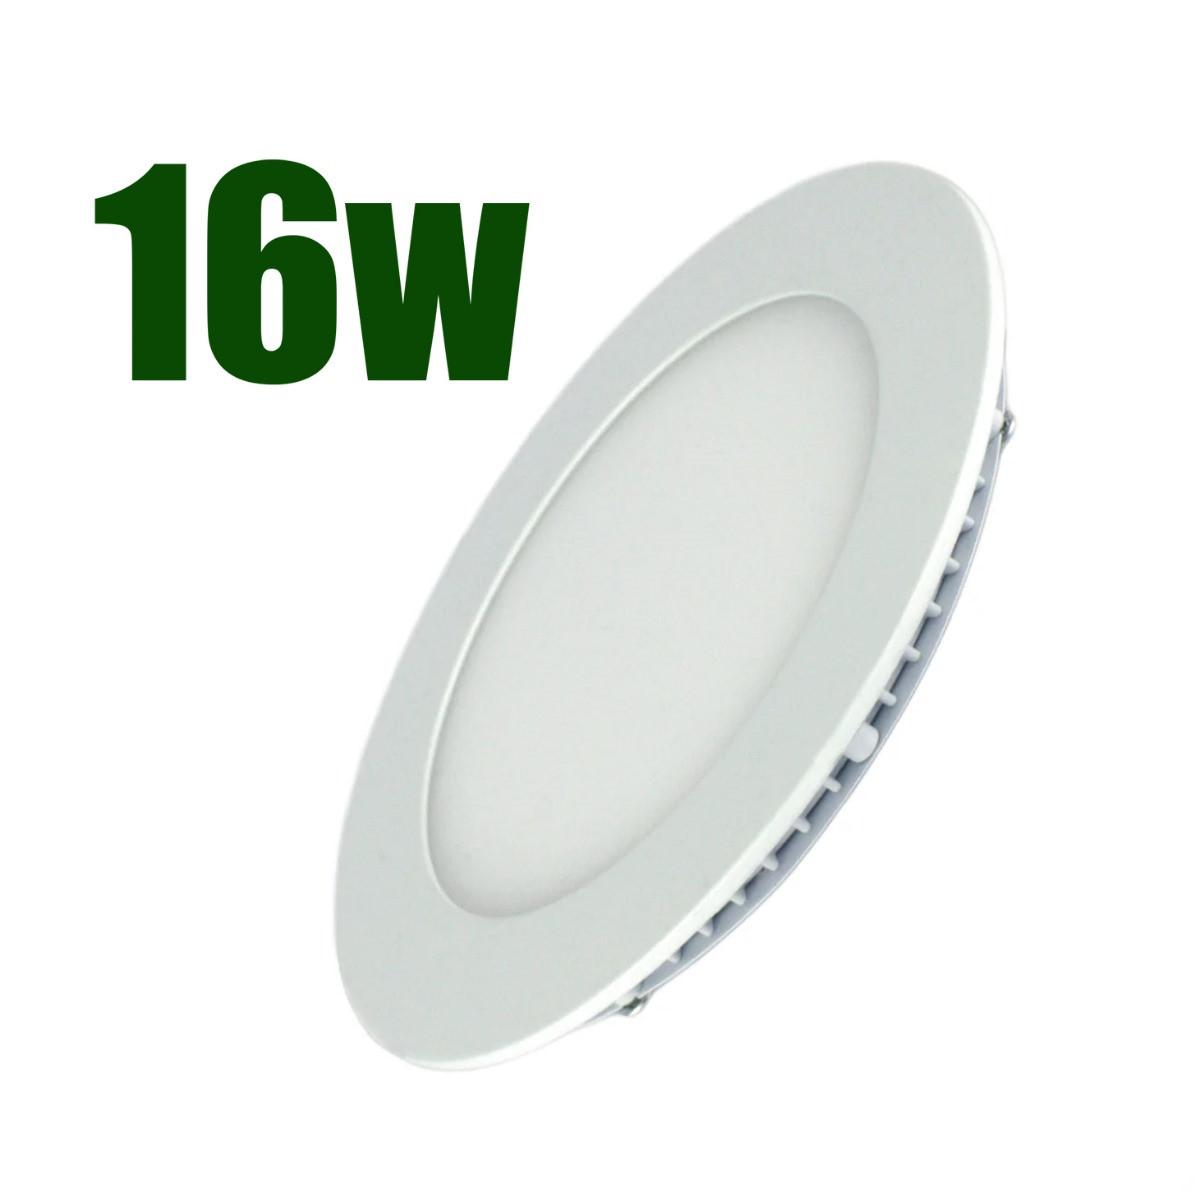 Светильник светодиодный встраиваемый LEDEX 16Вт 4000К 1440lm круг белый (102234)